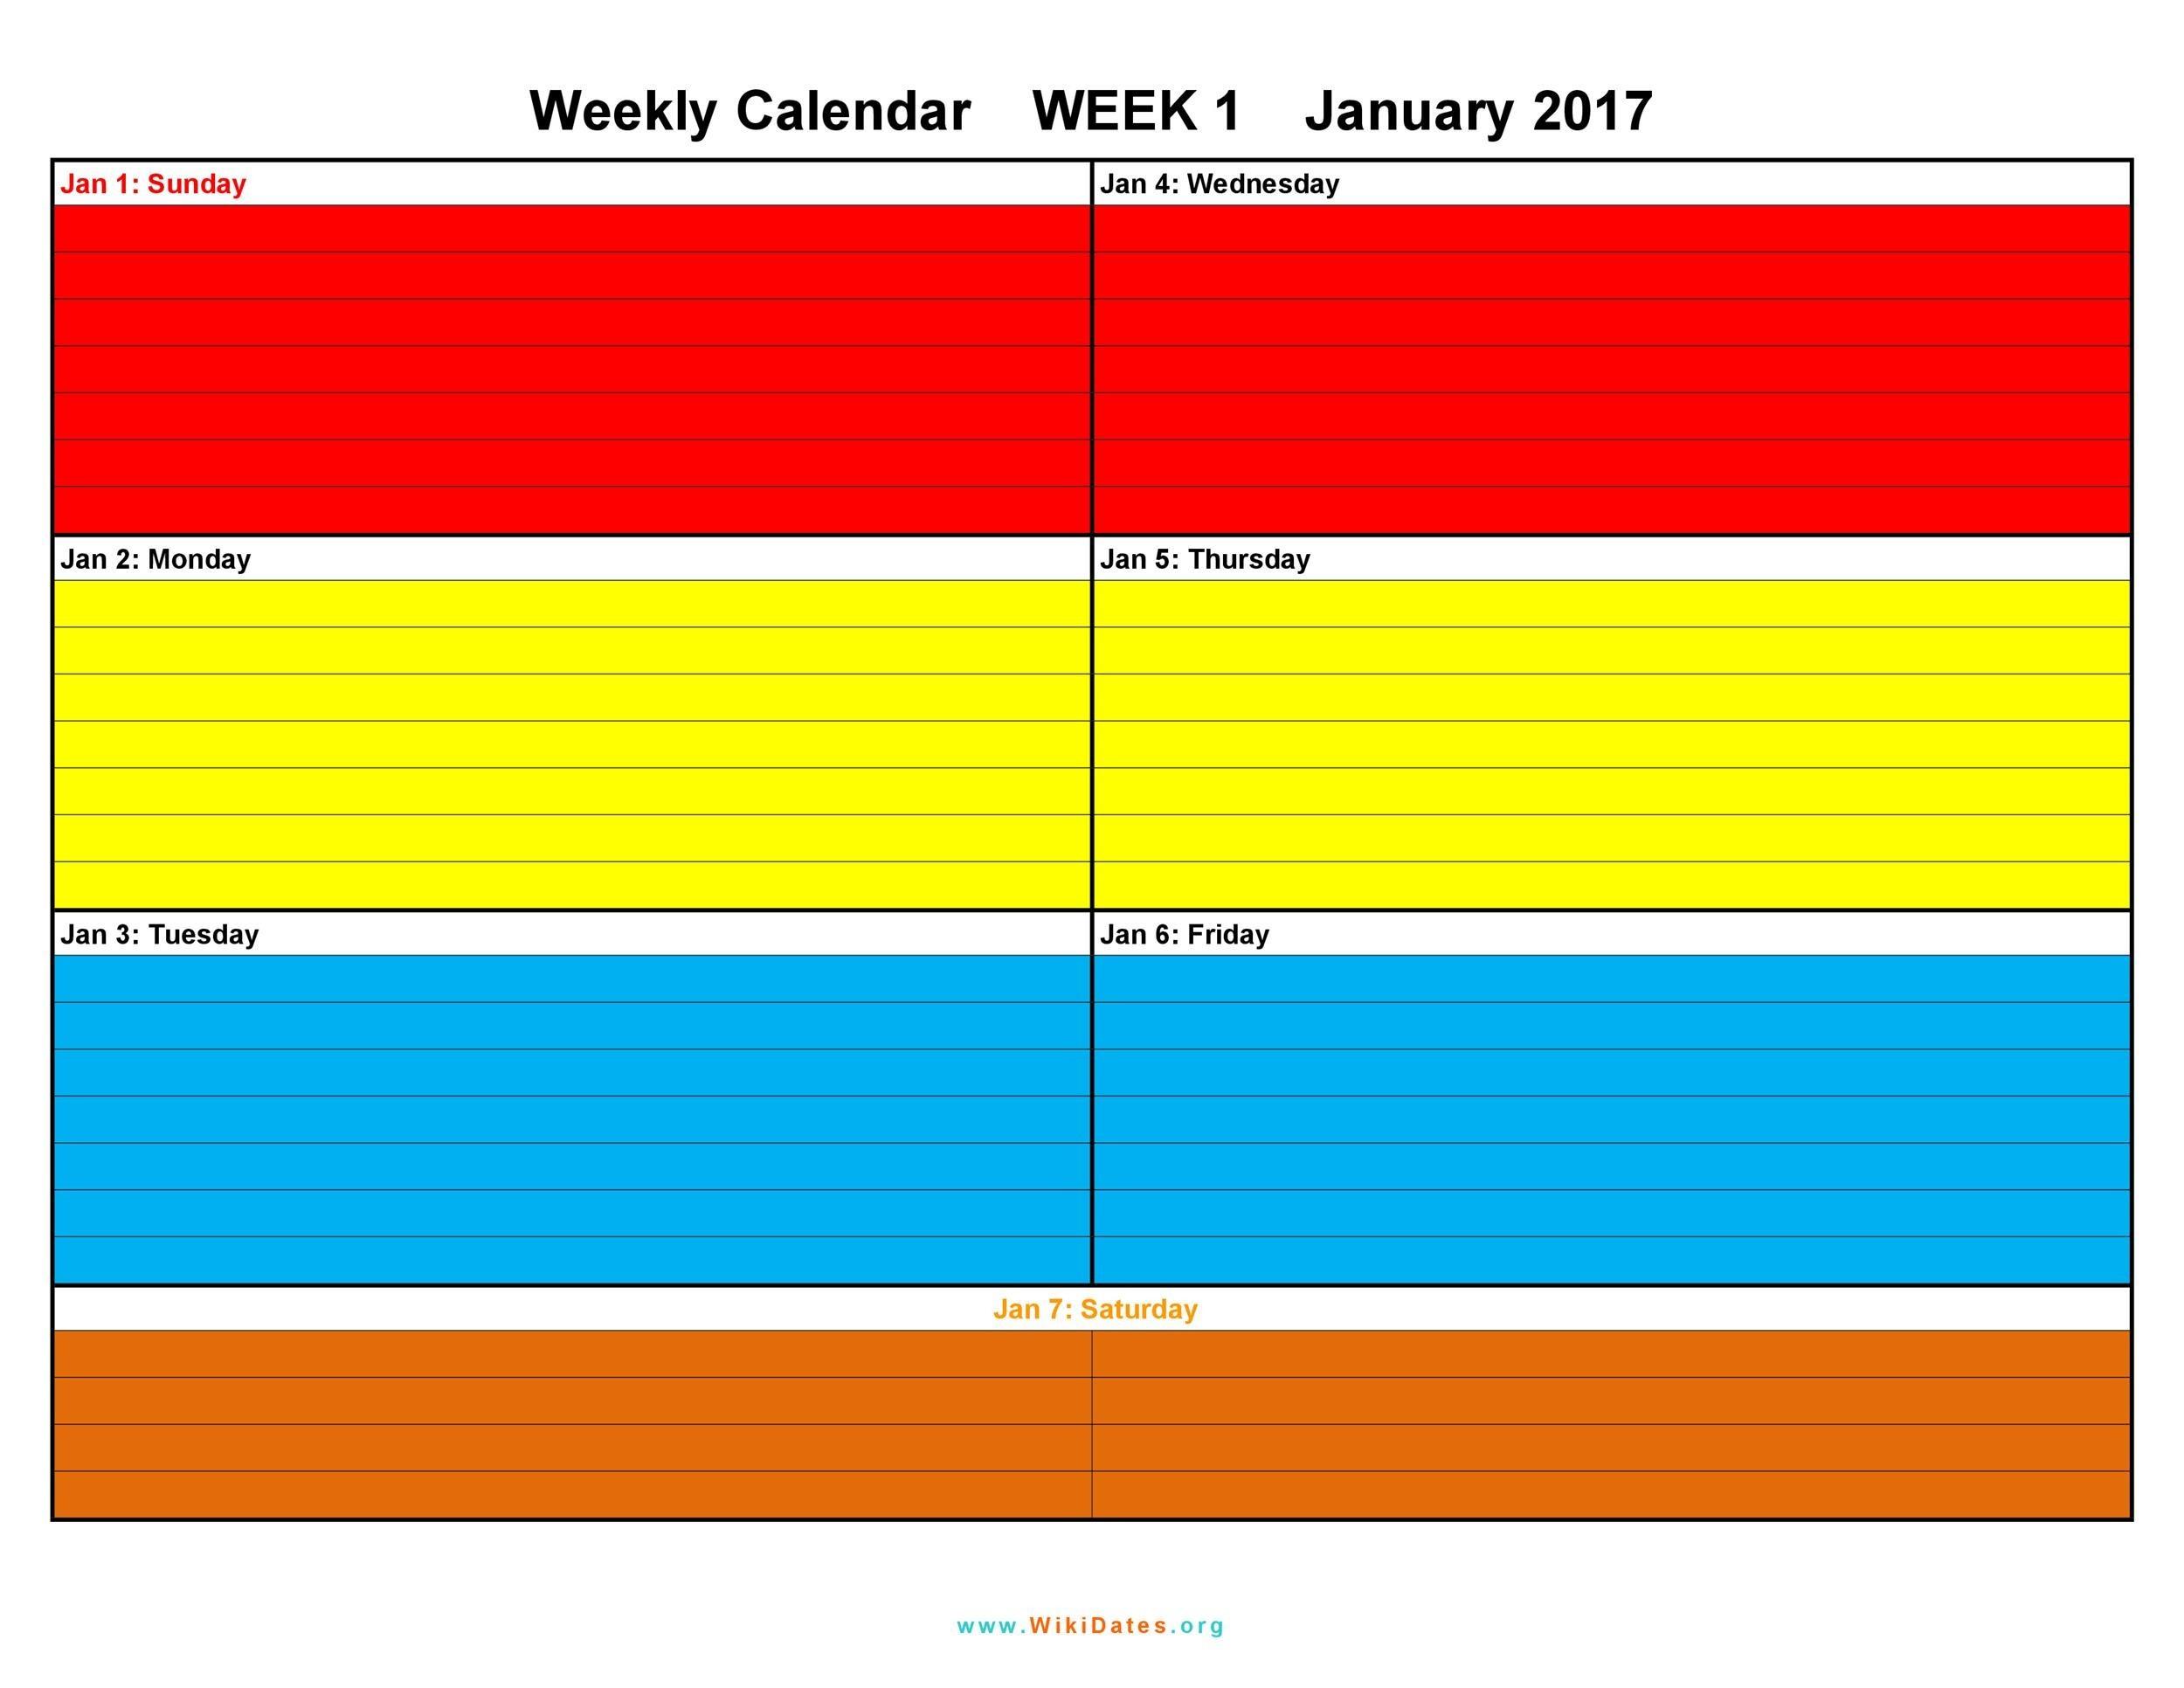 Free weekly calendar template 12